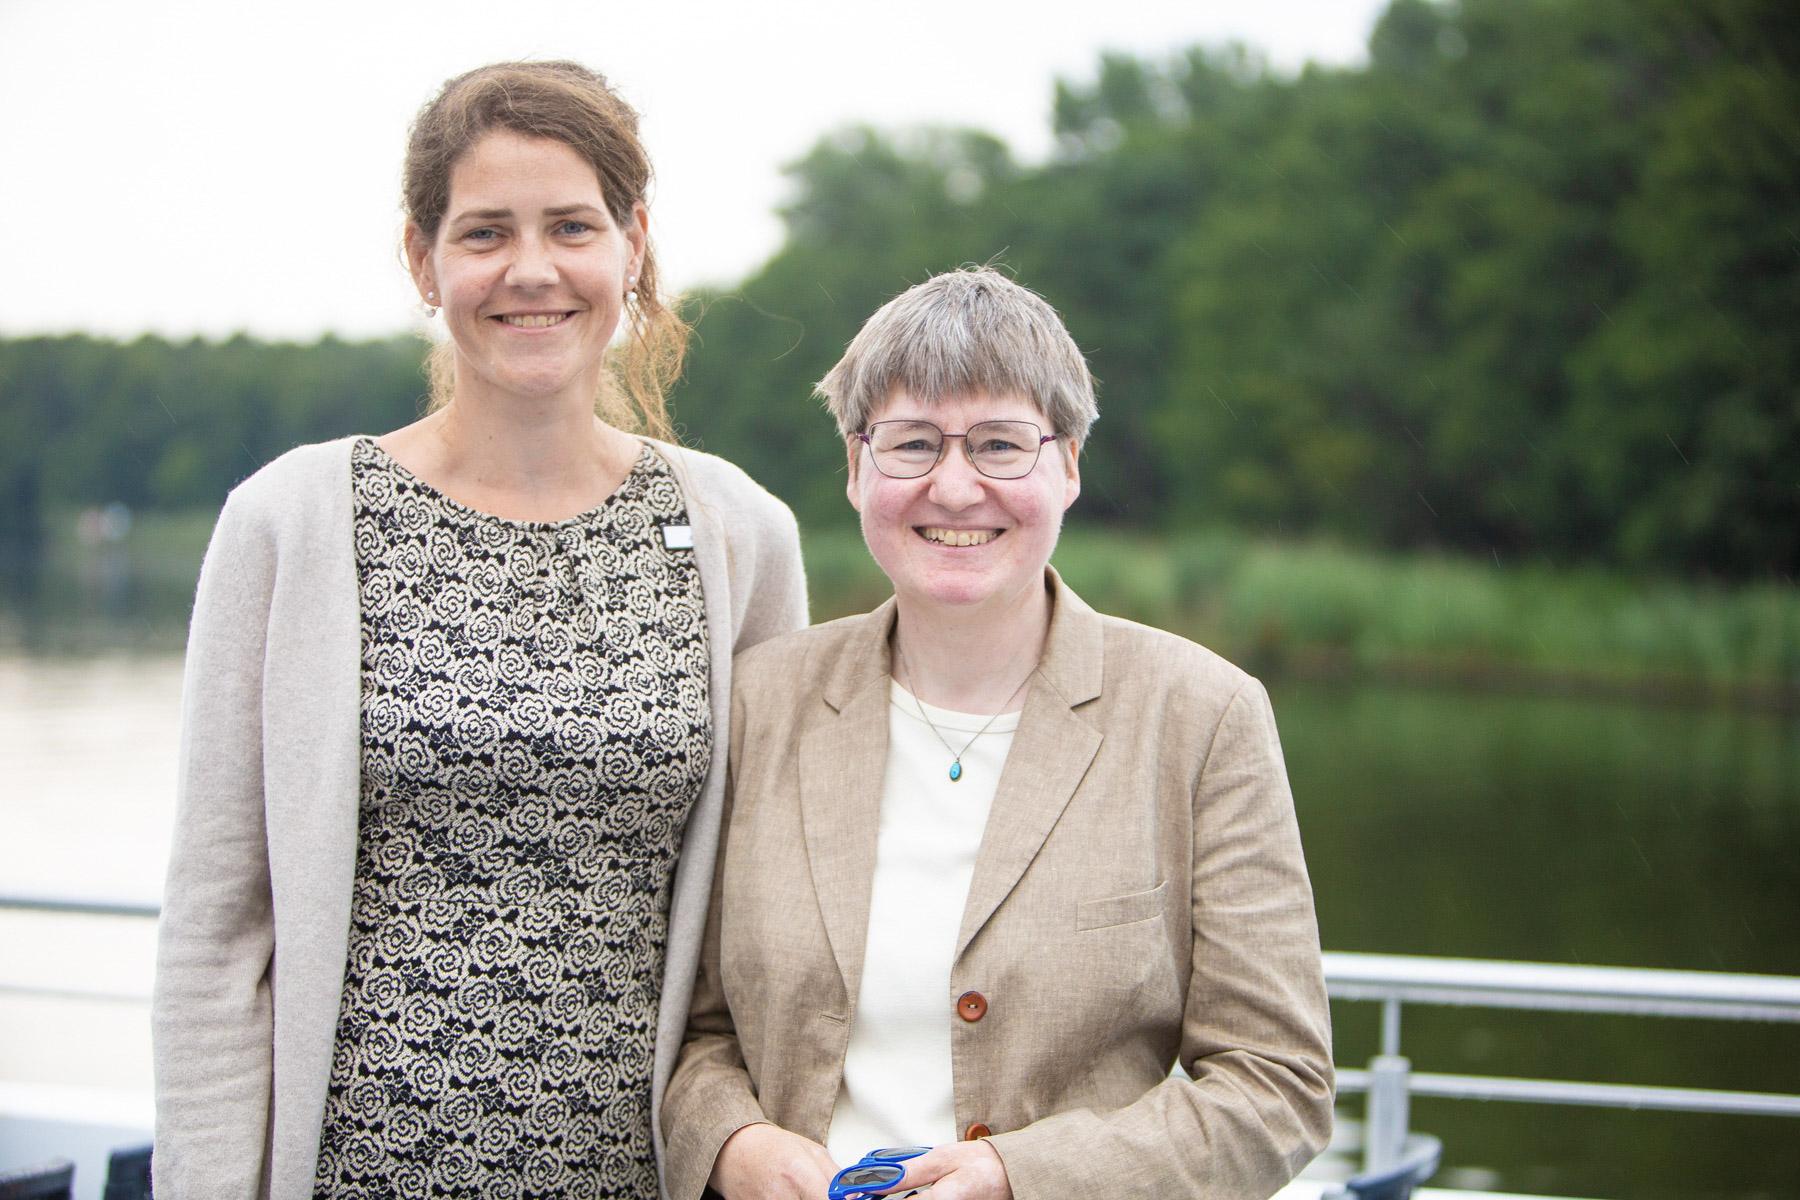 Dr. Katrin Kraatz, neue Chefredakteurin des Diabetes-Journals |©Gesine Born